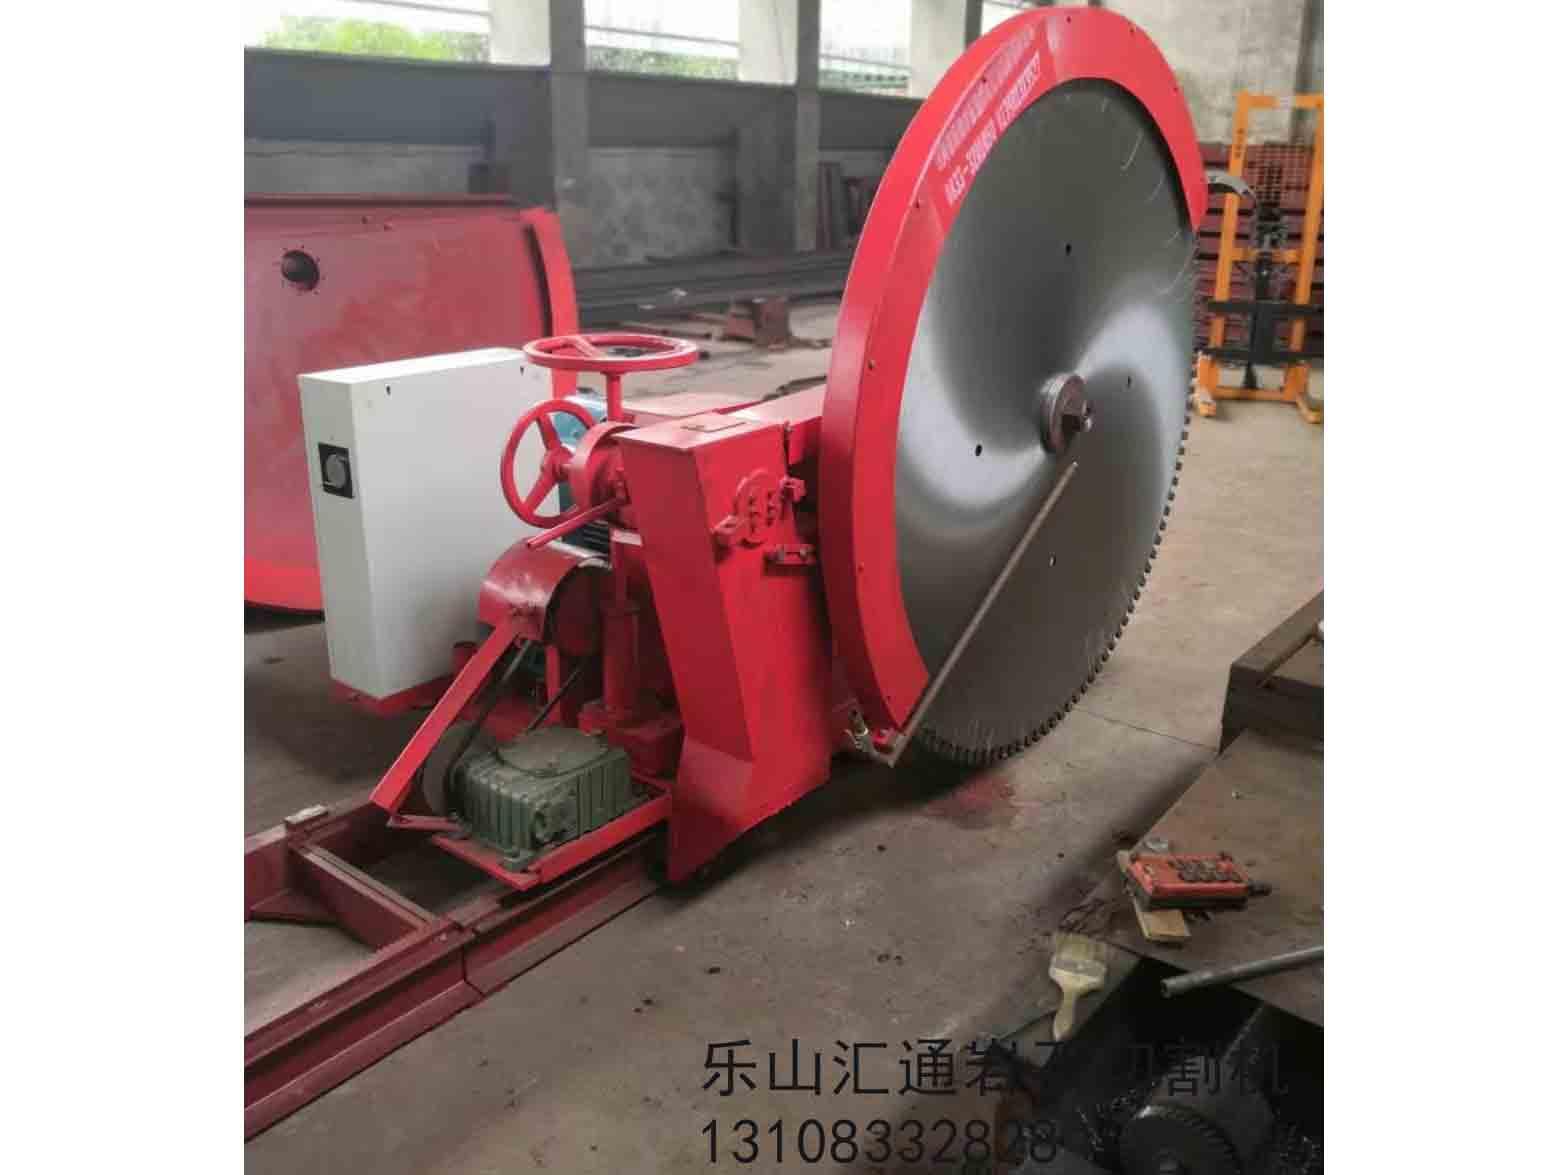 這種四川礦山機械設備以前不常用,現在卻成為了大型礦山開發的主流